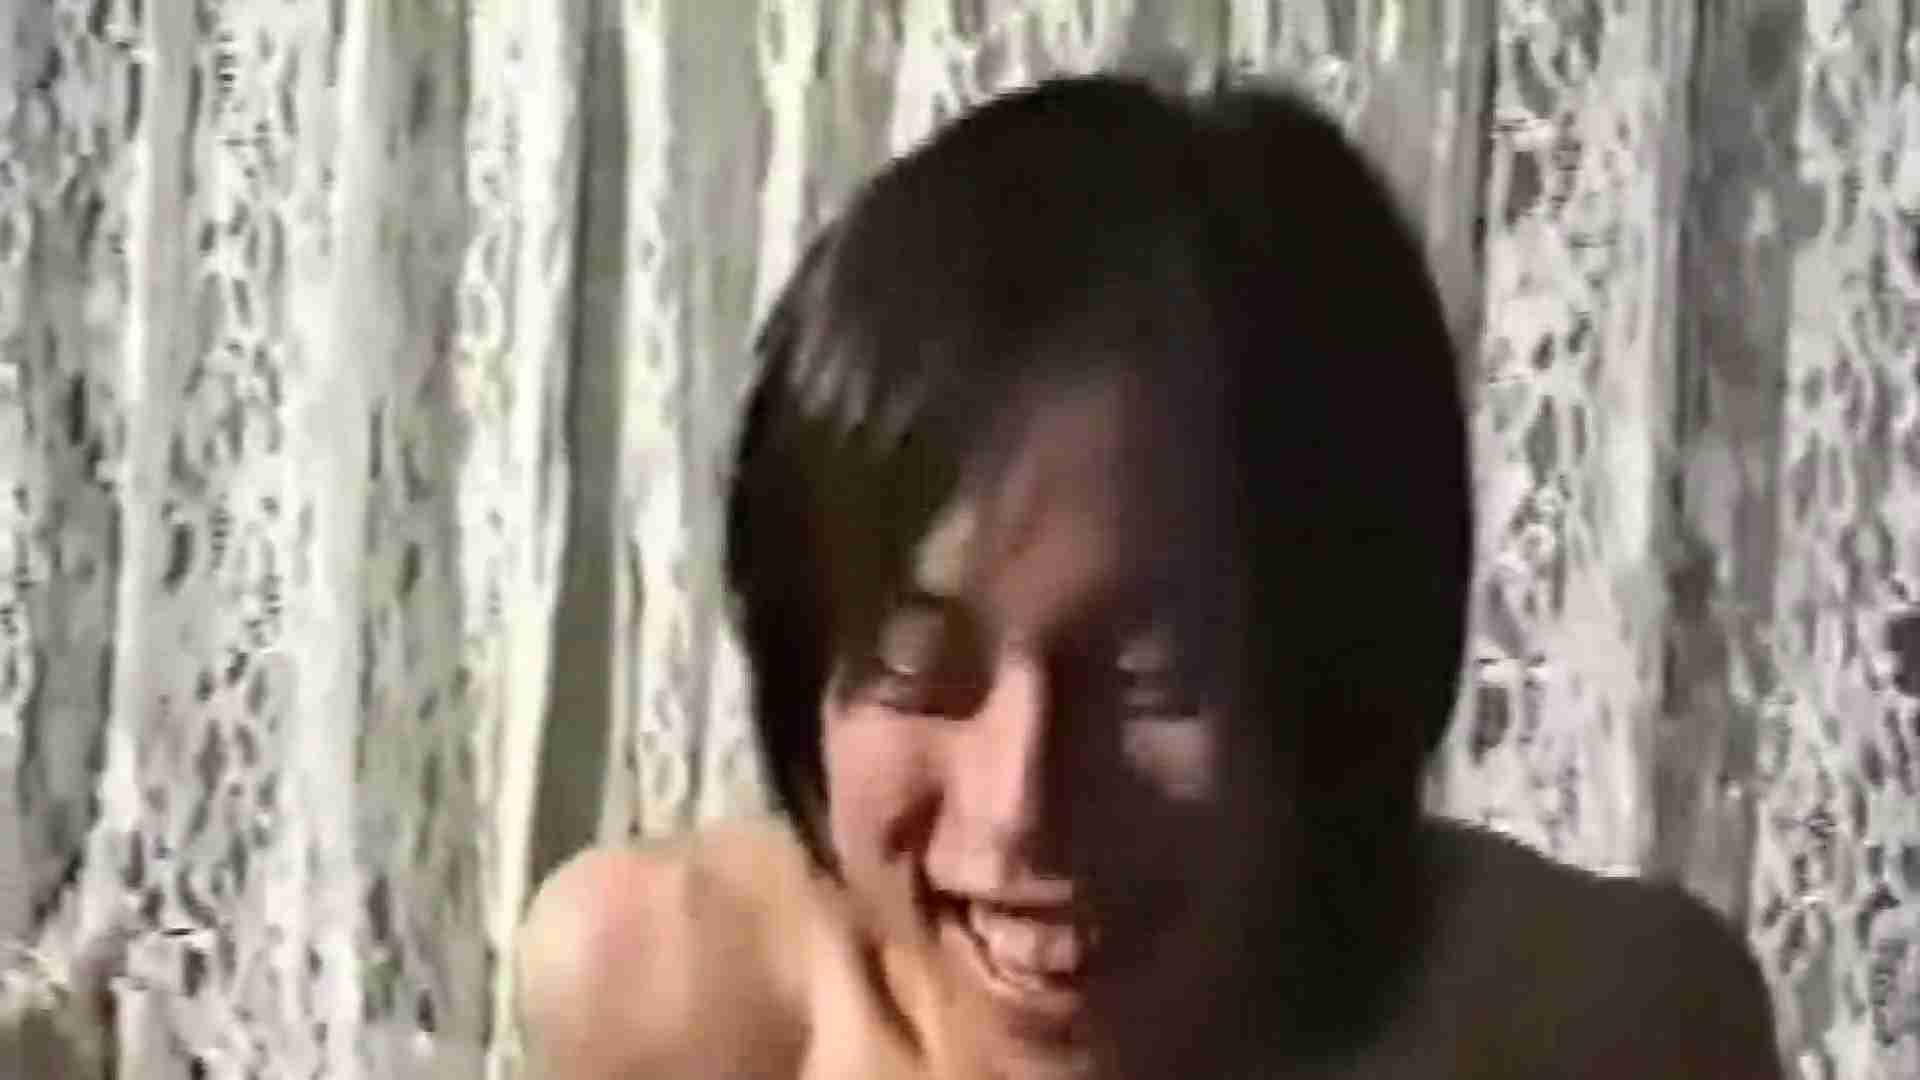 巨根 オナニー塾Vol.14 オナニー   無修正 アダルトビデオ画像キャプチャ 80pic 19